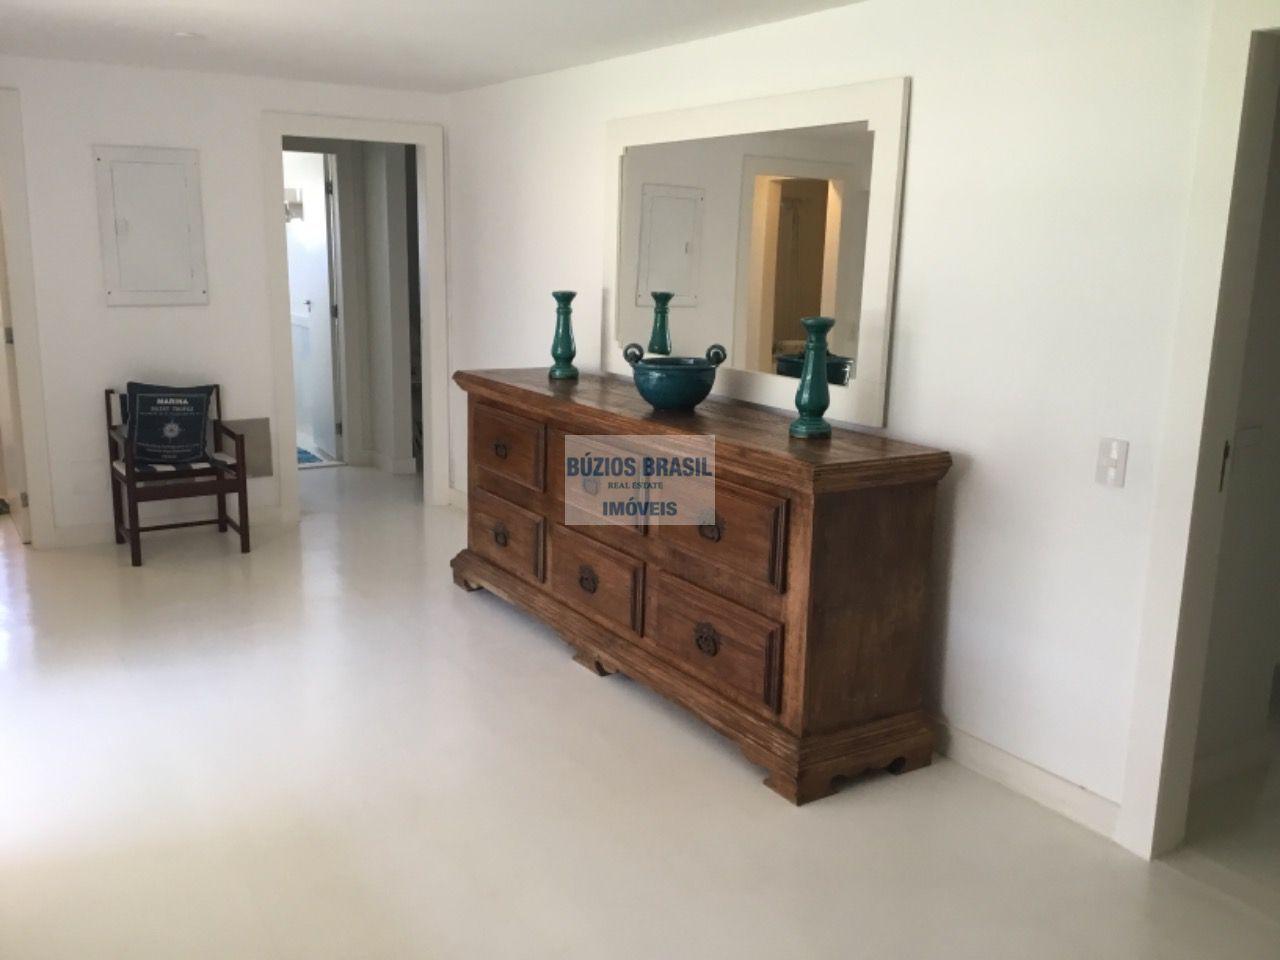 Casa 7 quartos para alugar Ferradura, Ferradura 70m Praia,Armação dos Búzios - LTFR1 - 30